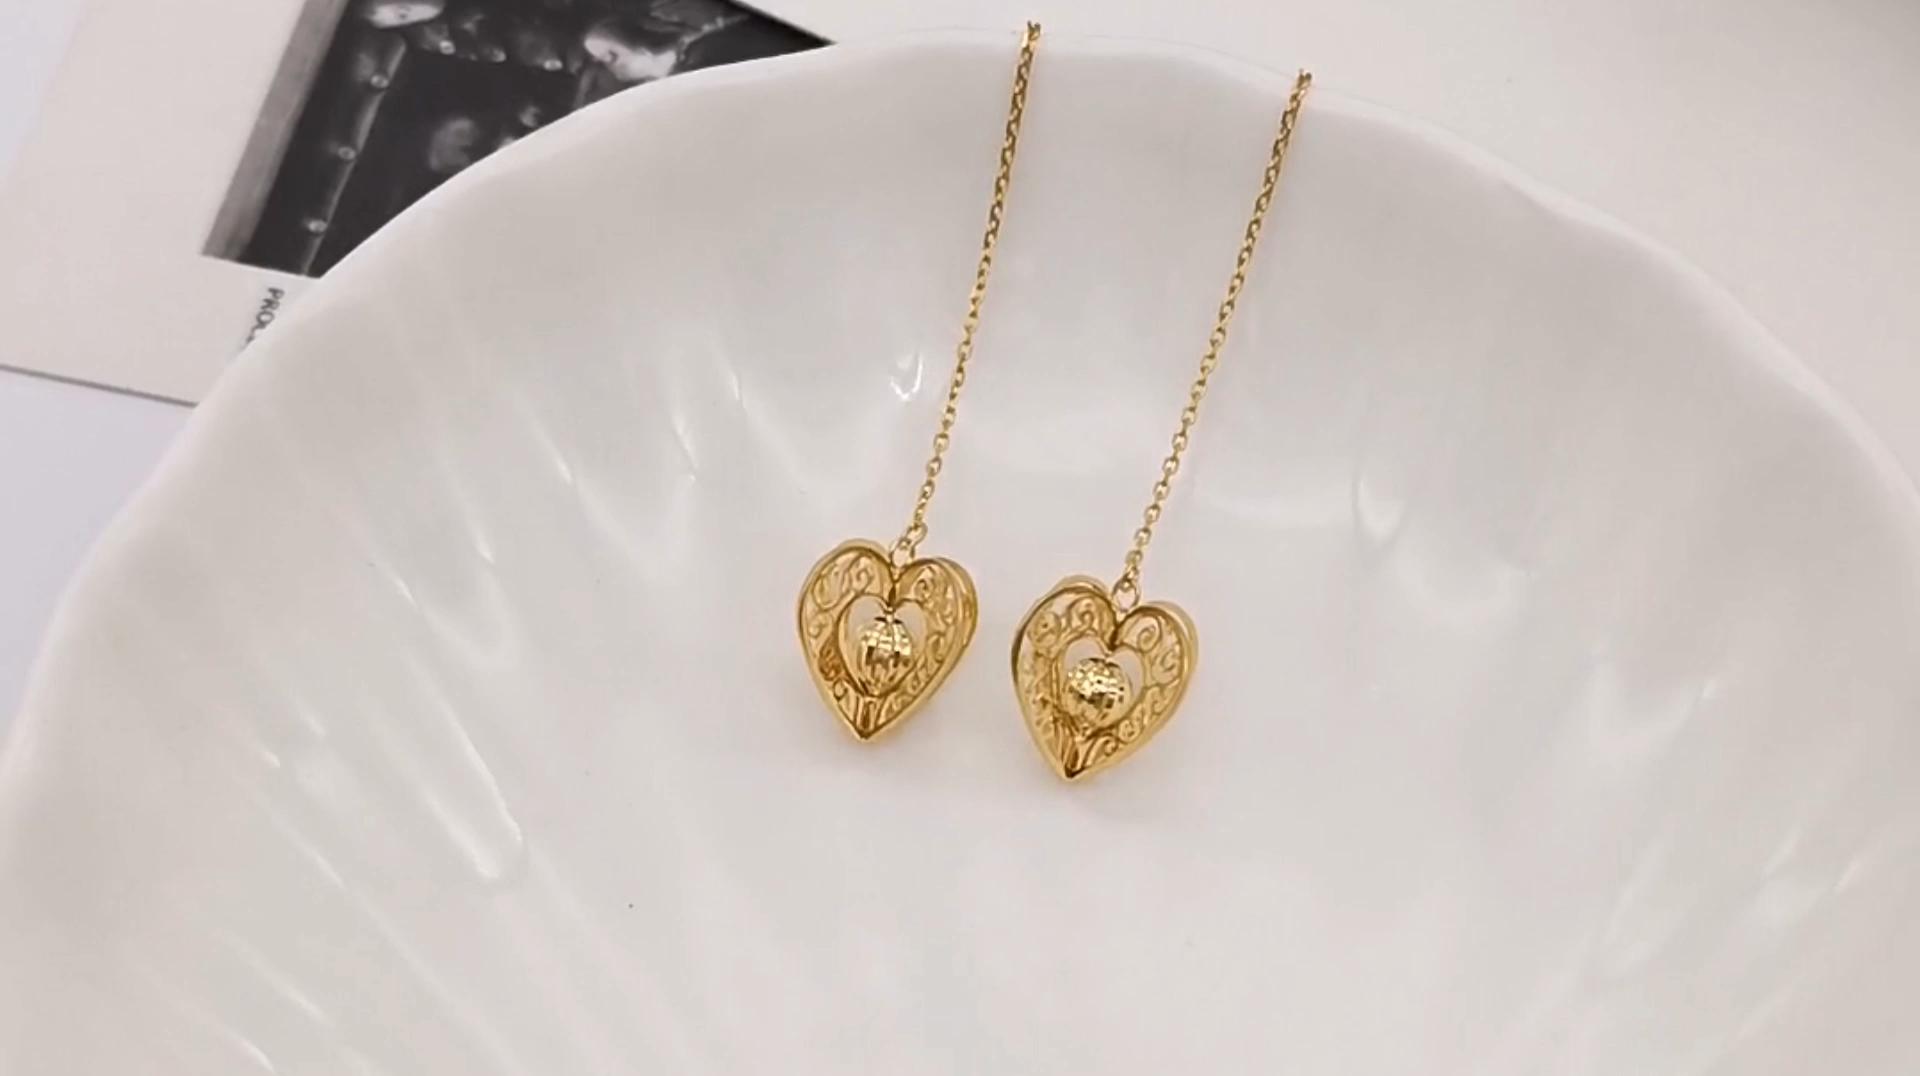 1000S Schmuck 18 Karat Echt gold Draht Ohrringe Mode Ohrringe Trendy Style Für Geschenke Verstellbare Klassische Herz Ohrringe